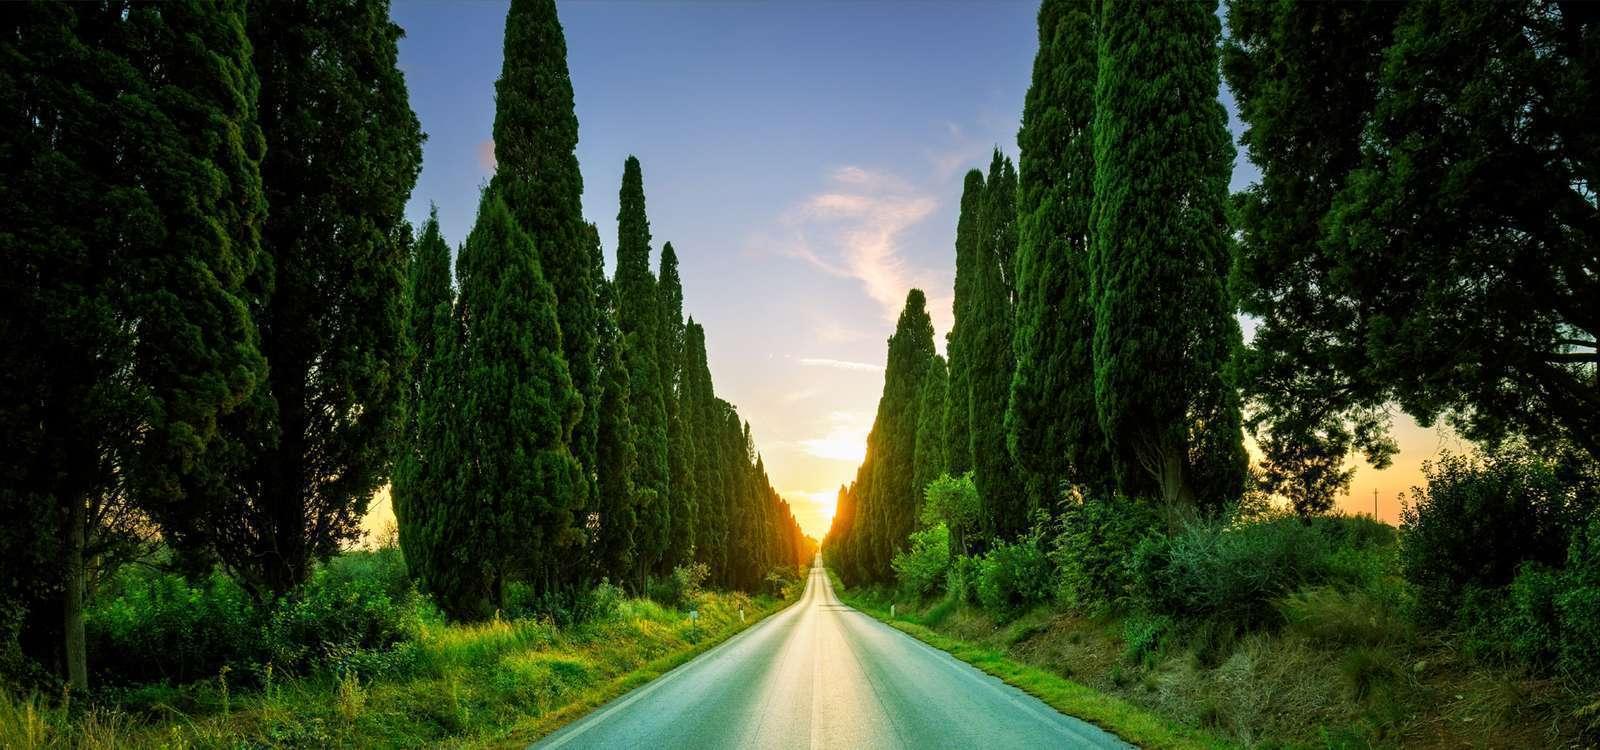 Appartamenti Vacanza Toscana Mare - Residence Le Corti del Sole